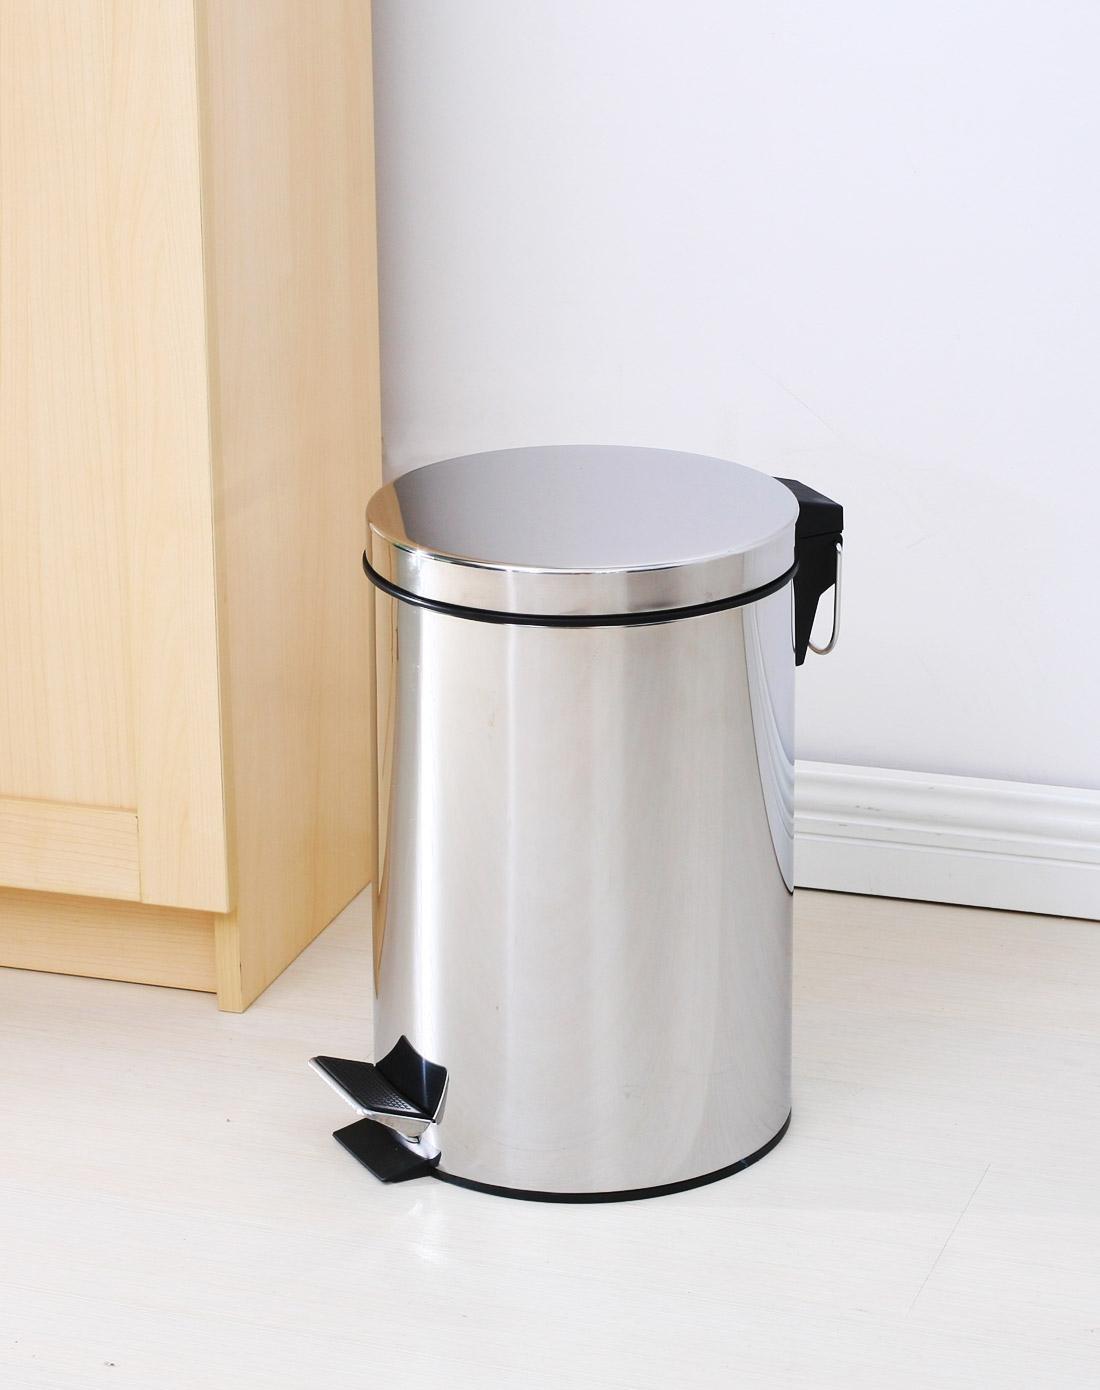 1208s厨卫专场不锈钢脚踏式带盖垃圾桶